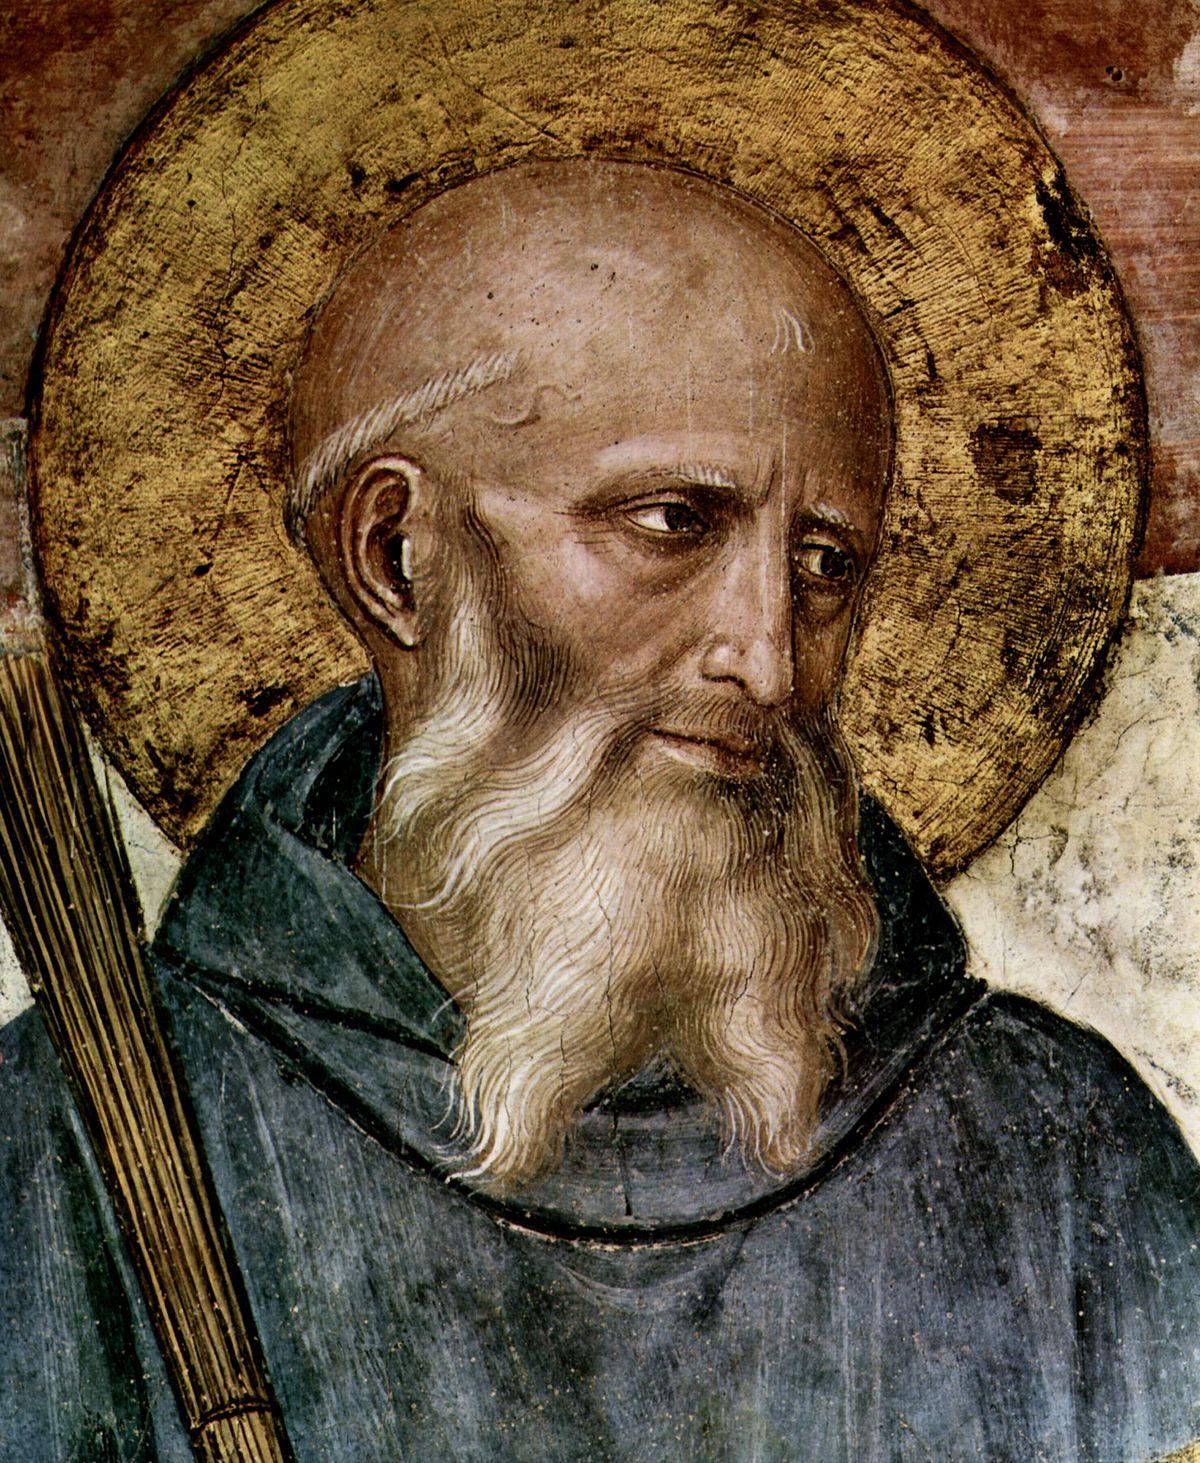 https://upload.wikimedia.org/wikipedia/commons/thumb/7/73/Fra_Angelico_031.jpg/1200px-Fra_Angelico_031.jpg